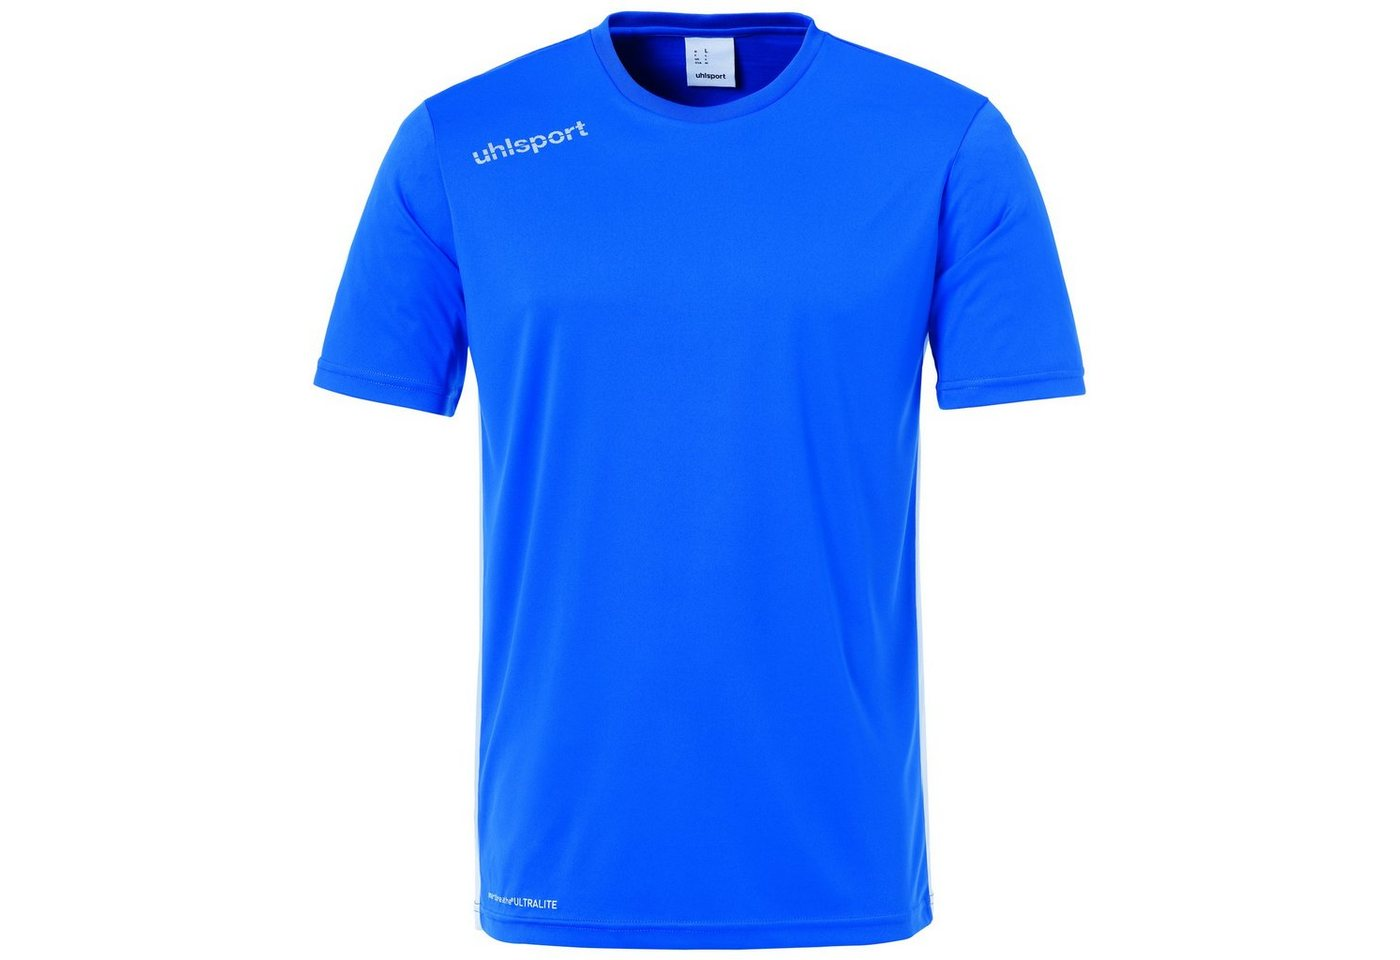 Uhlsport Essential Trikot Herren | Sportbekleidung > Trikots > Sonstige Trikots | Blau | Trikot - Polyester | Uhlsport